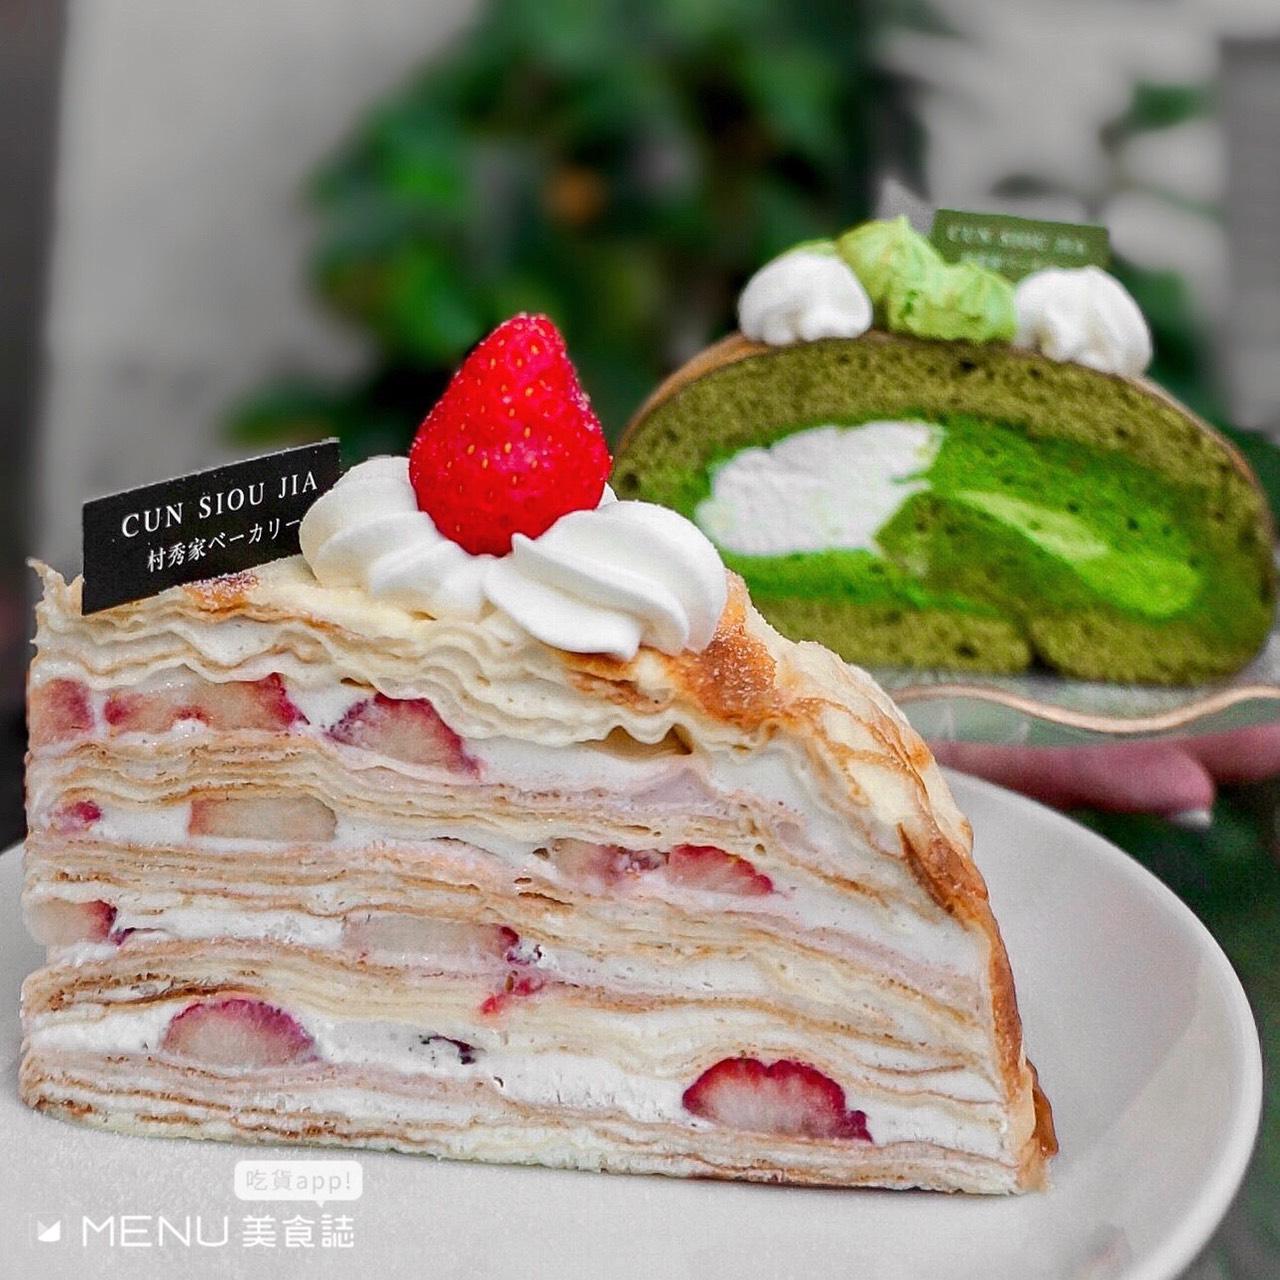 台北熱門千層蛋糕大公開!層層堆疊,綿密的鮮奶油在口中化開,超美味的千層蛋糕不吃會後悔!